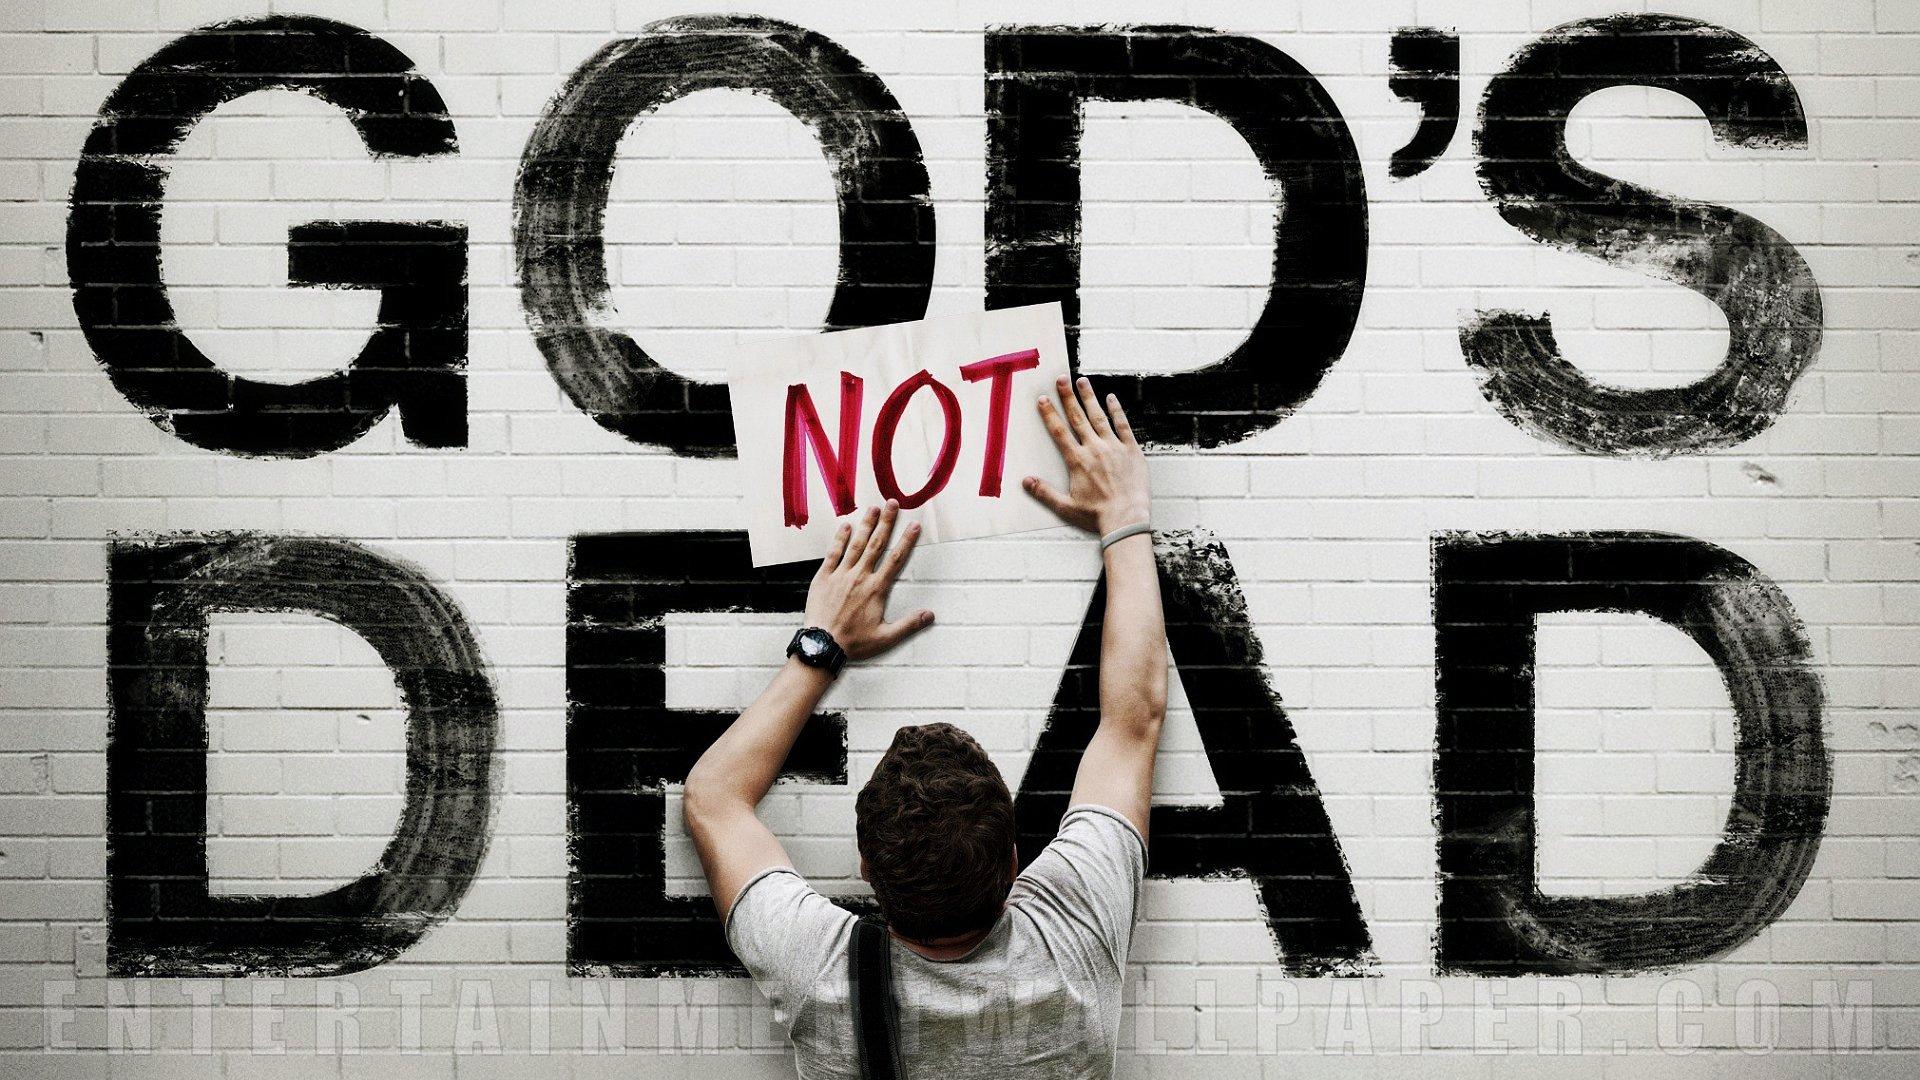 God's not dead dvd release date in Australia